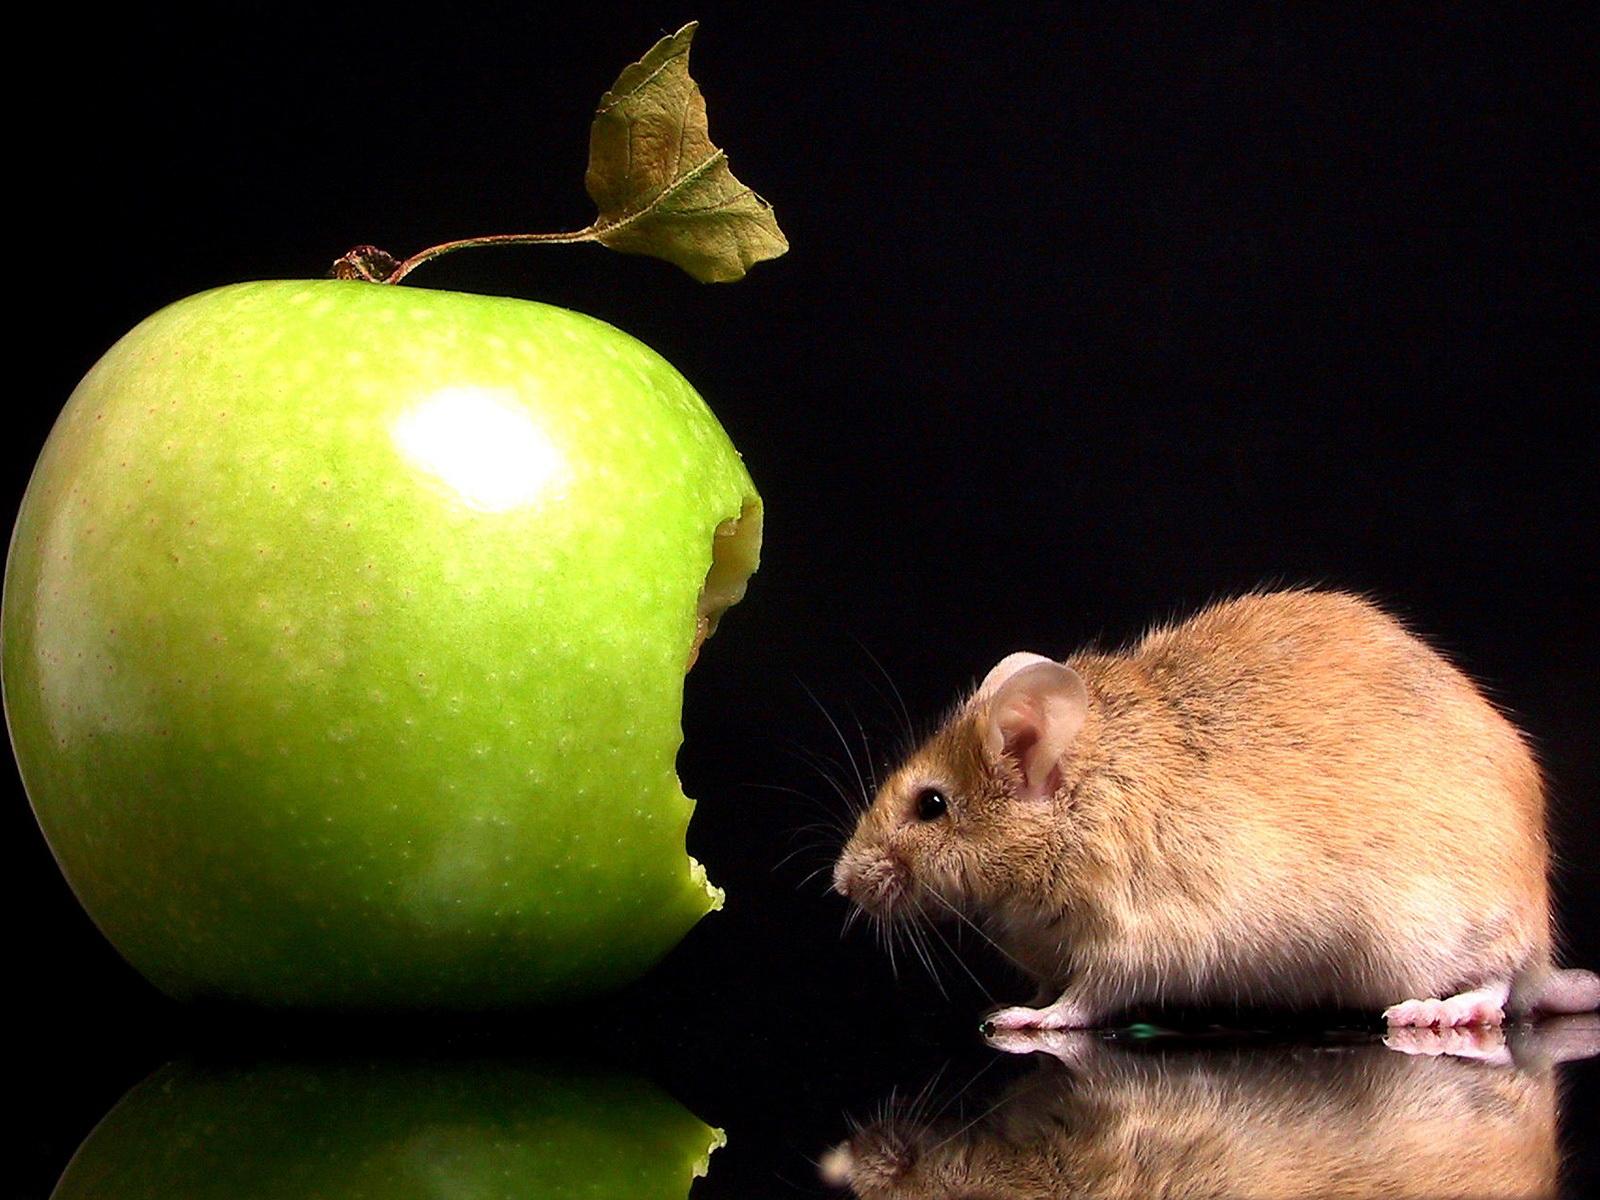 Яблоко и мышь, обои, на черном фоне